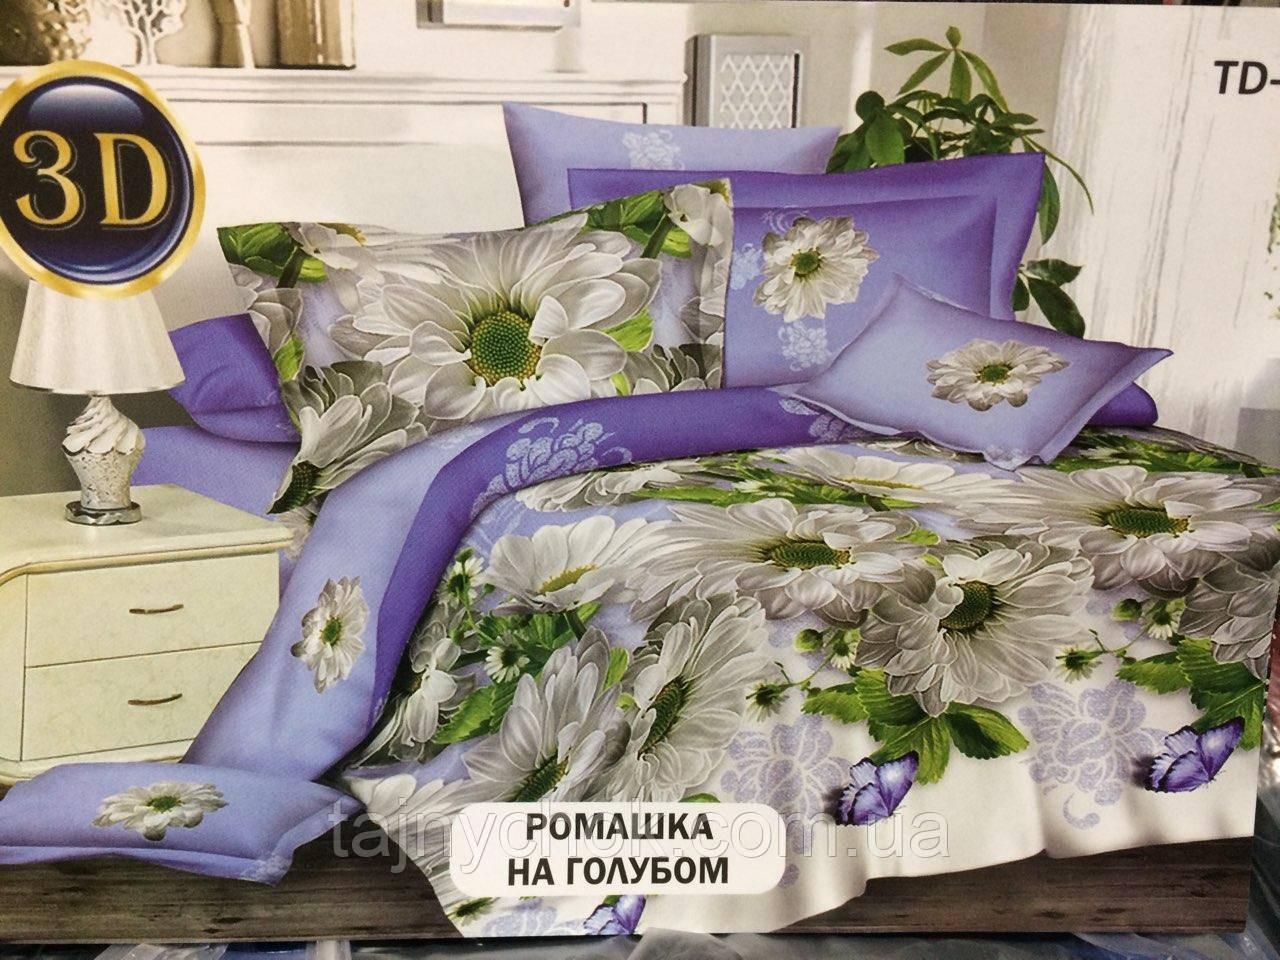 Двуспальное постельное бельё Ромашка на голубом